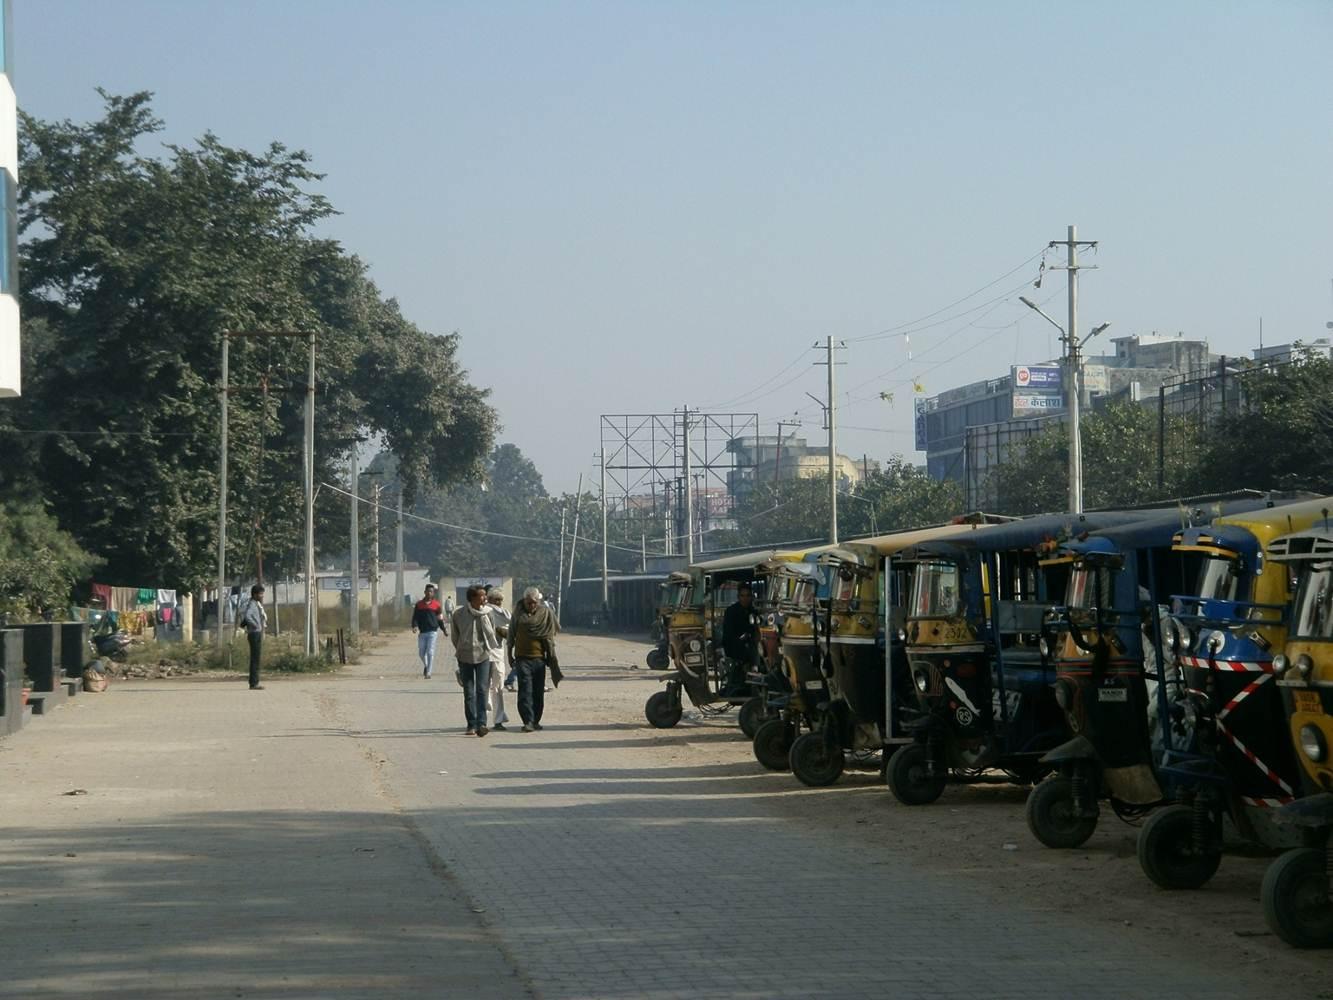 Shivmurti Near Railway Station 2 Wheeler Stand Way to Harki Pauri, Haridawr